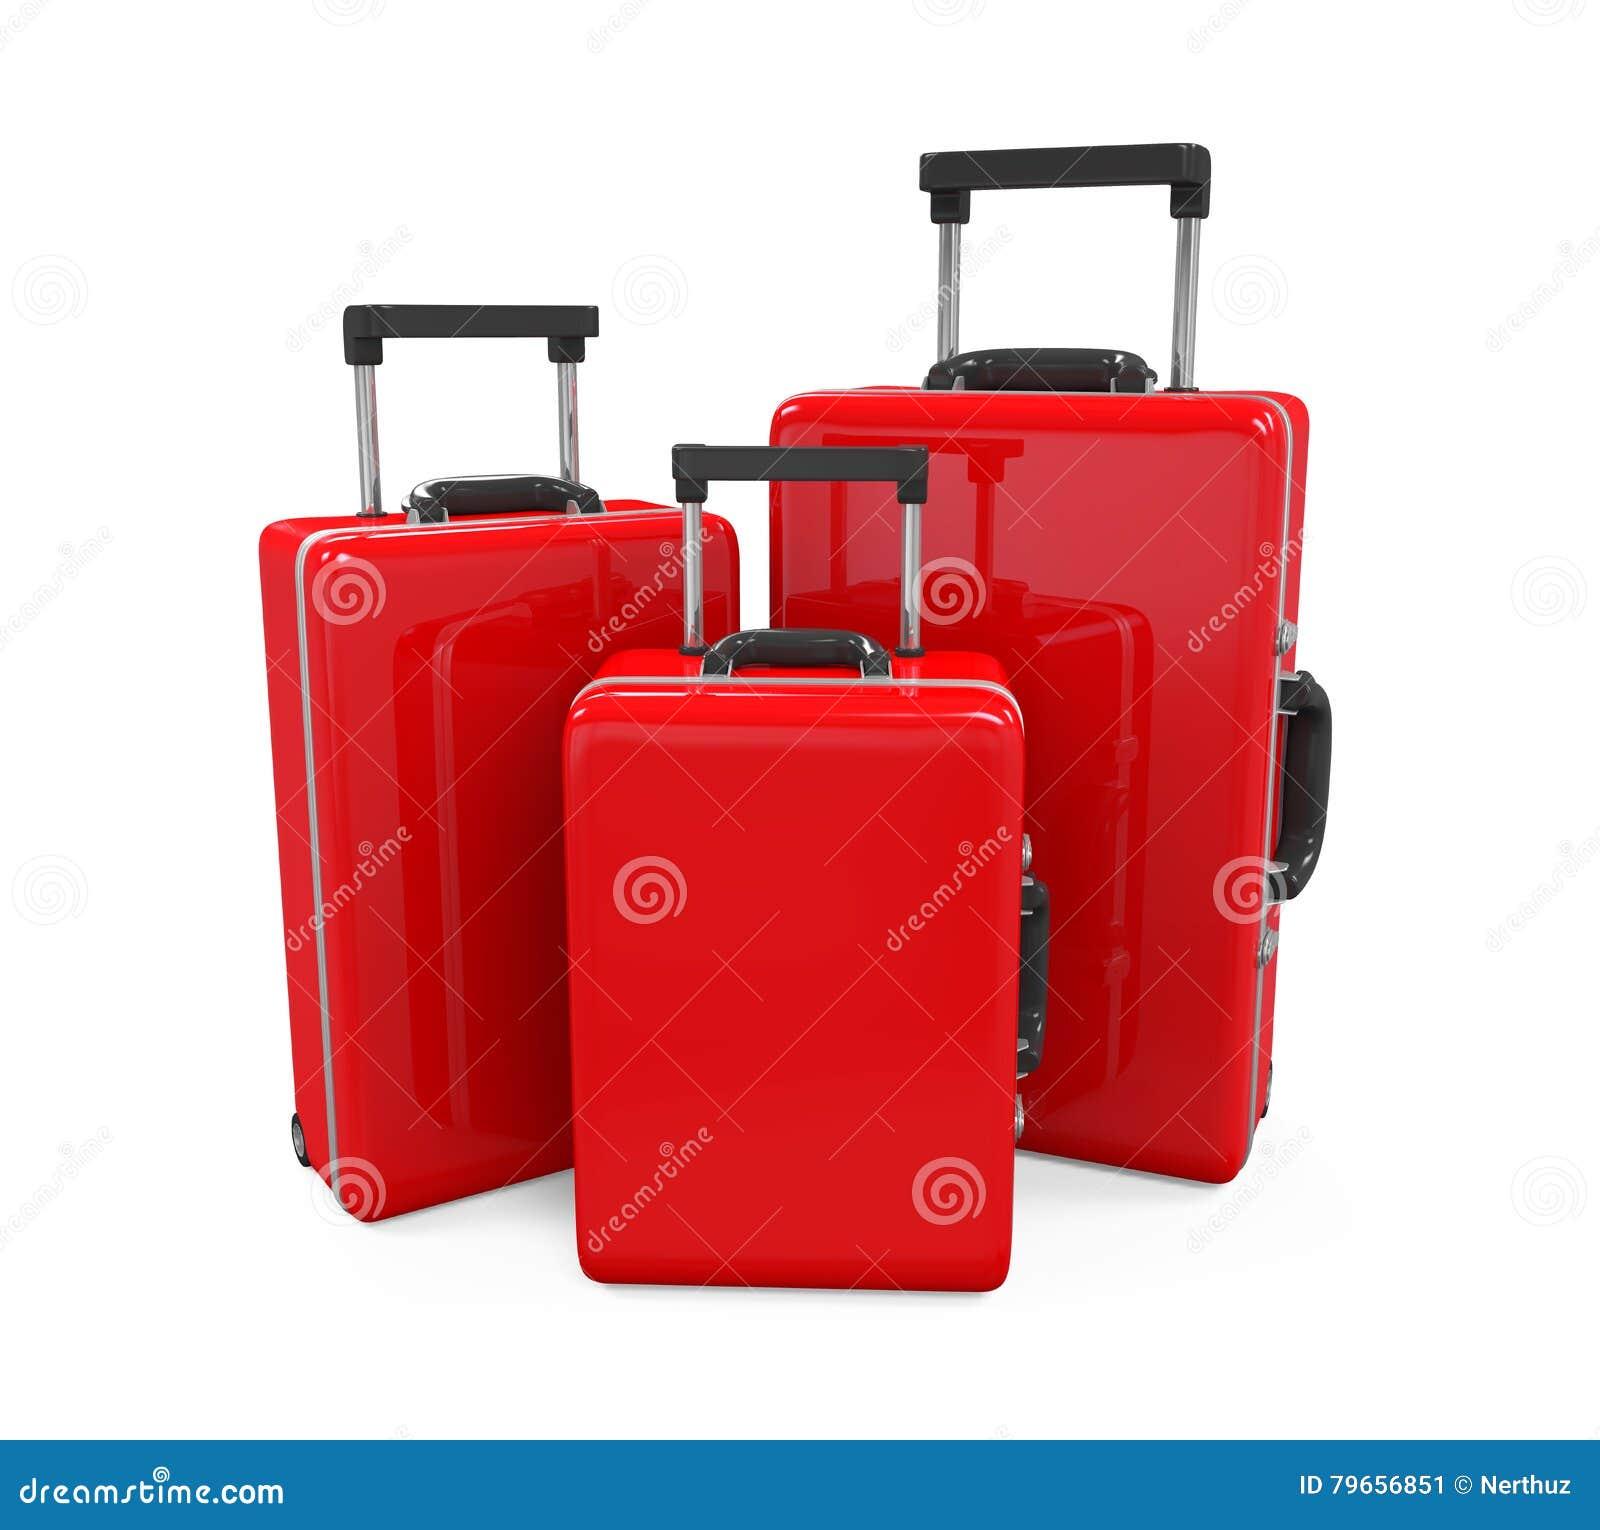 Travel Bag 3d Model Free Download